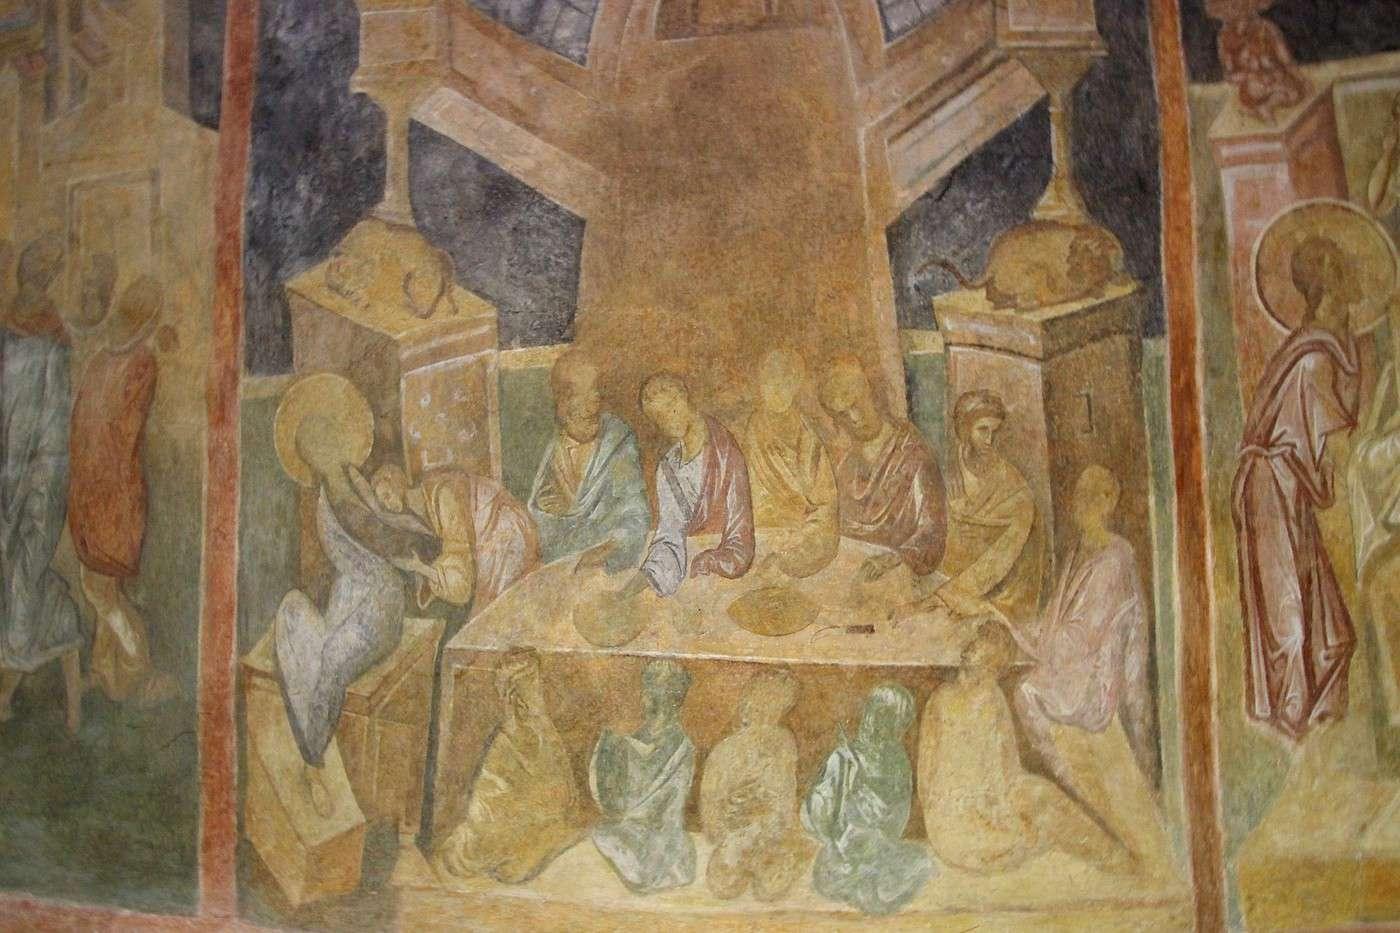 Ivanovo datant Vitesse datant Cour Hereford